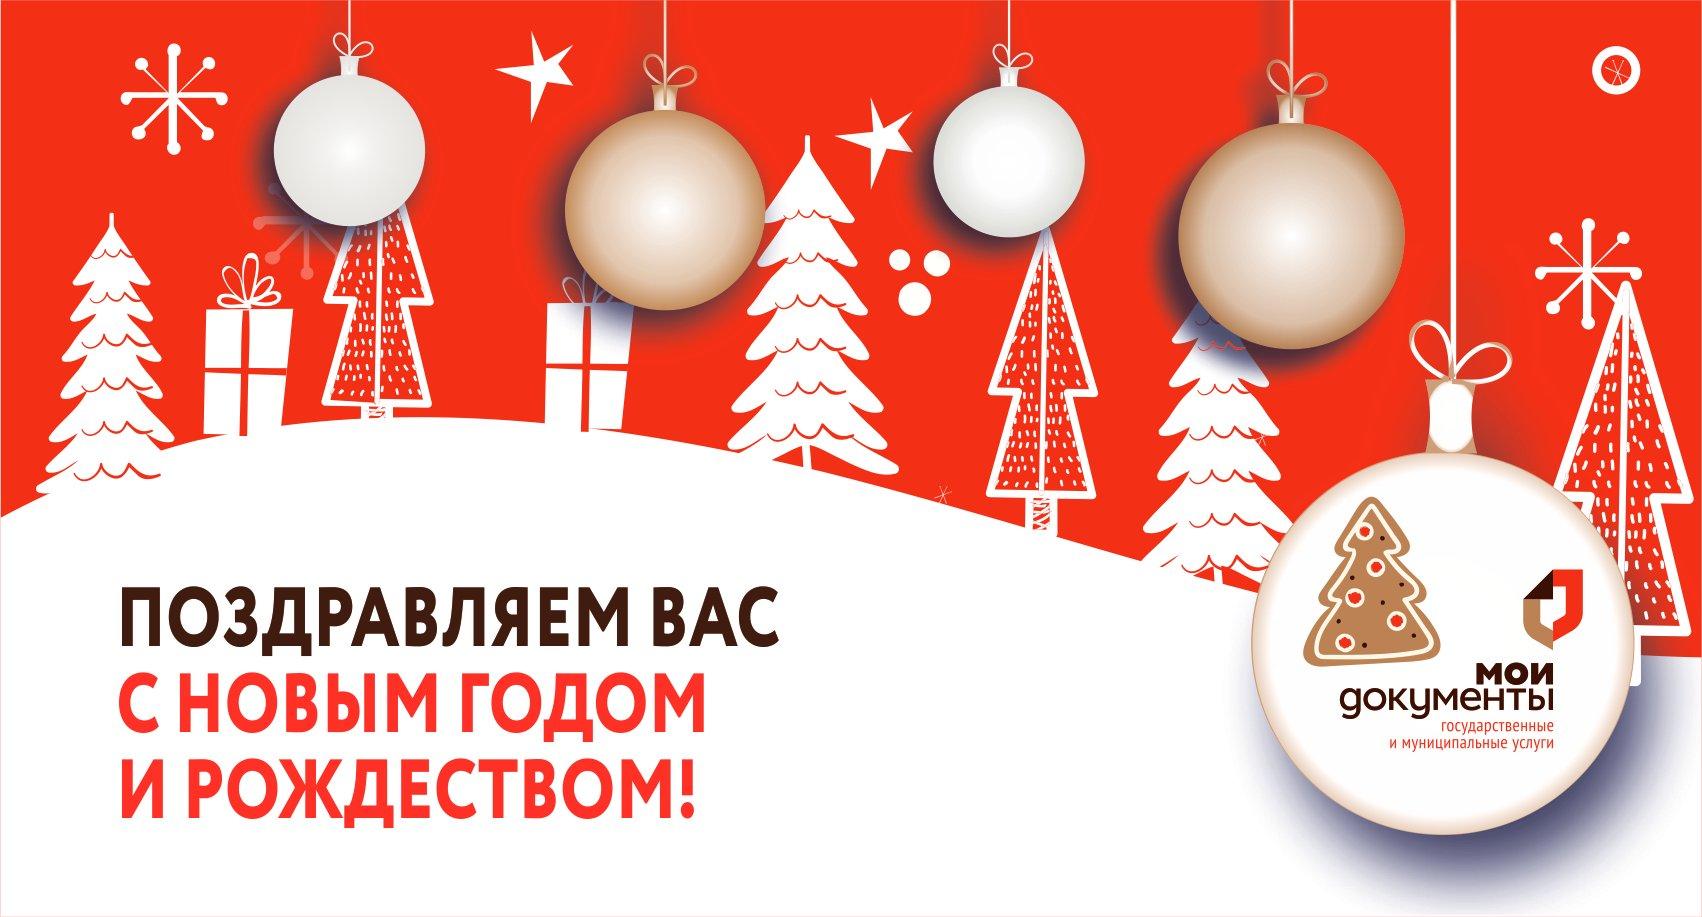 Новогодние открытки мфц